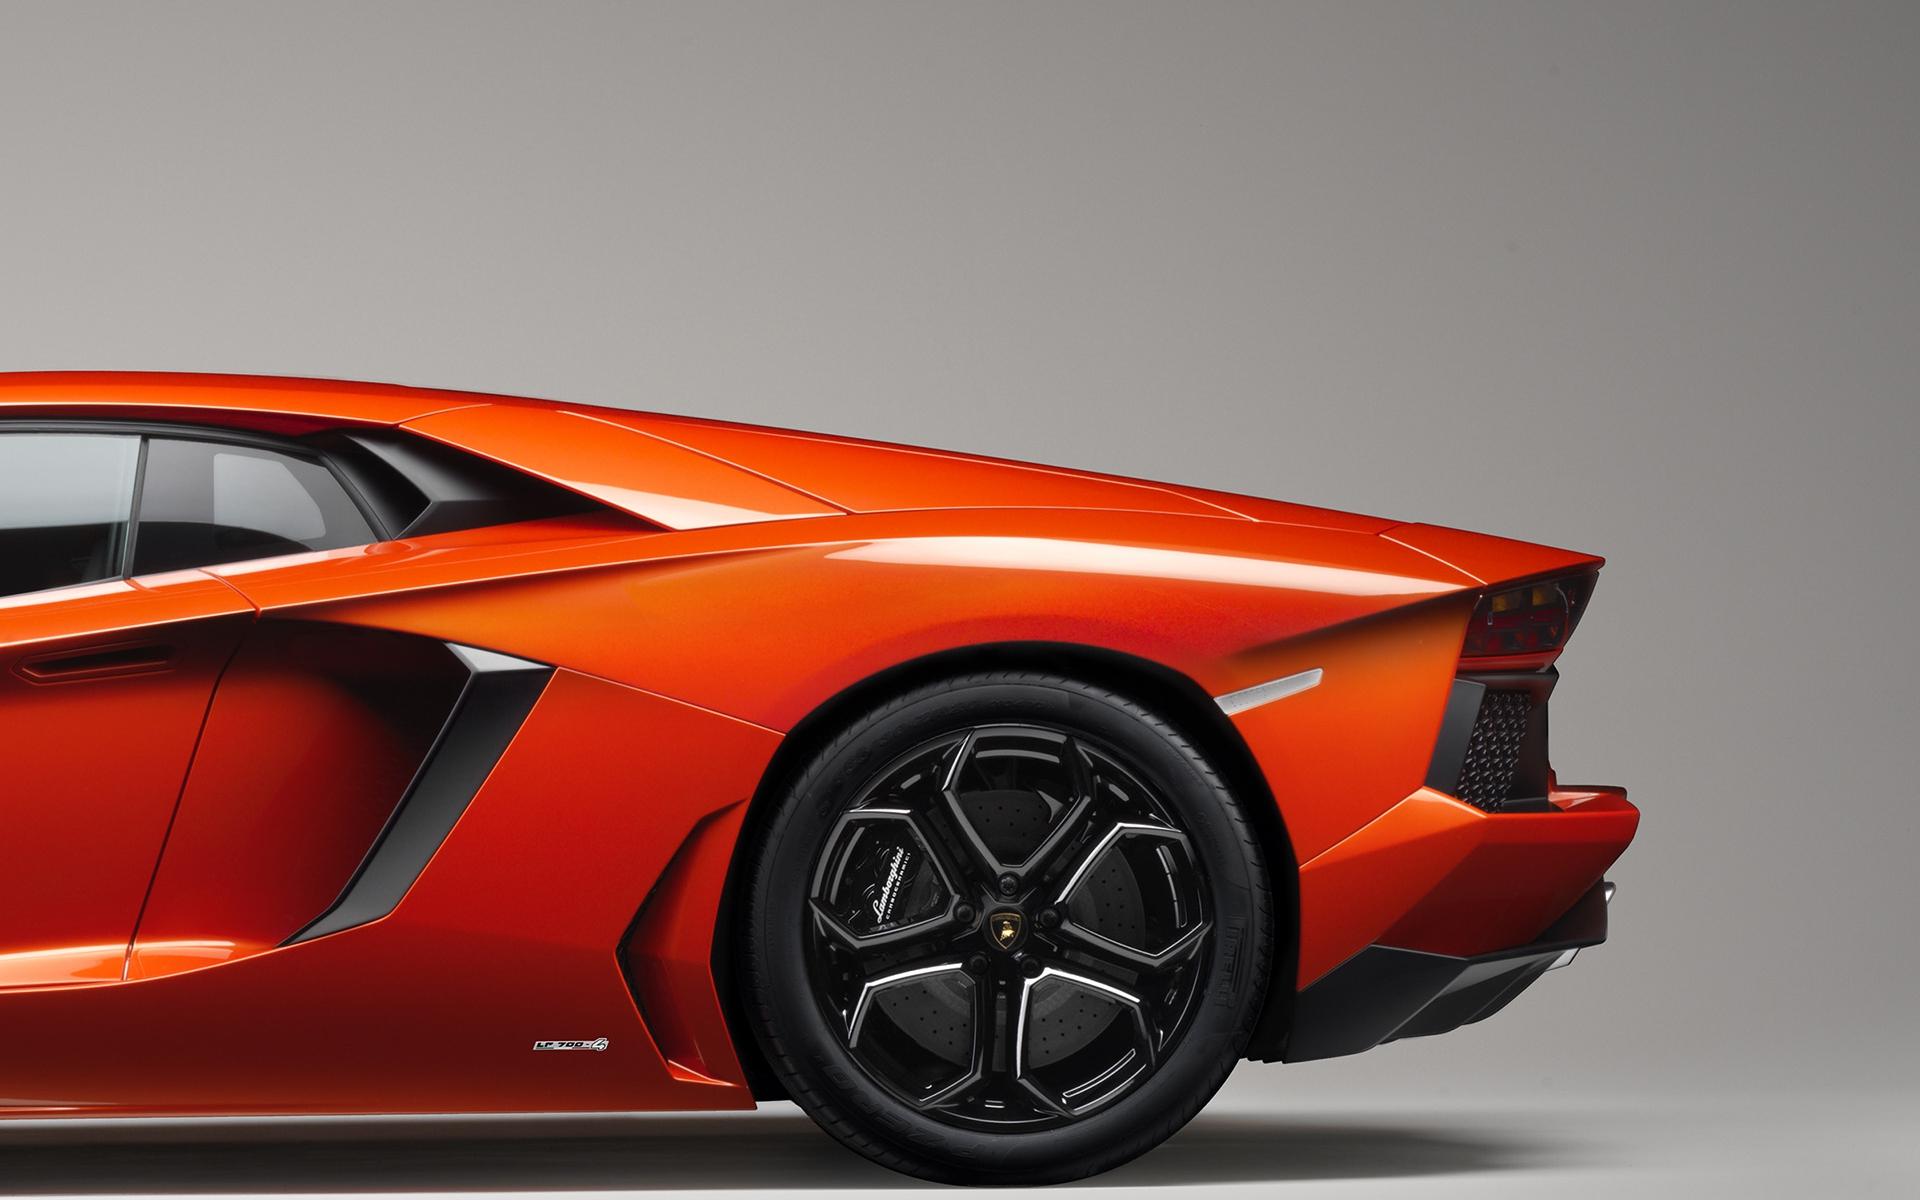 Awesome Orange Car Wallpaper